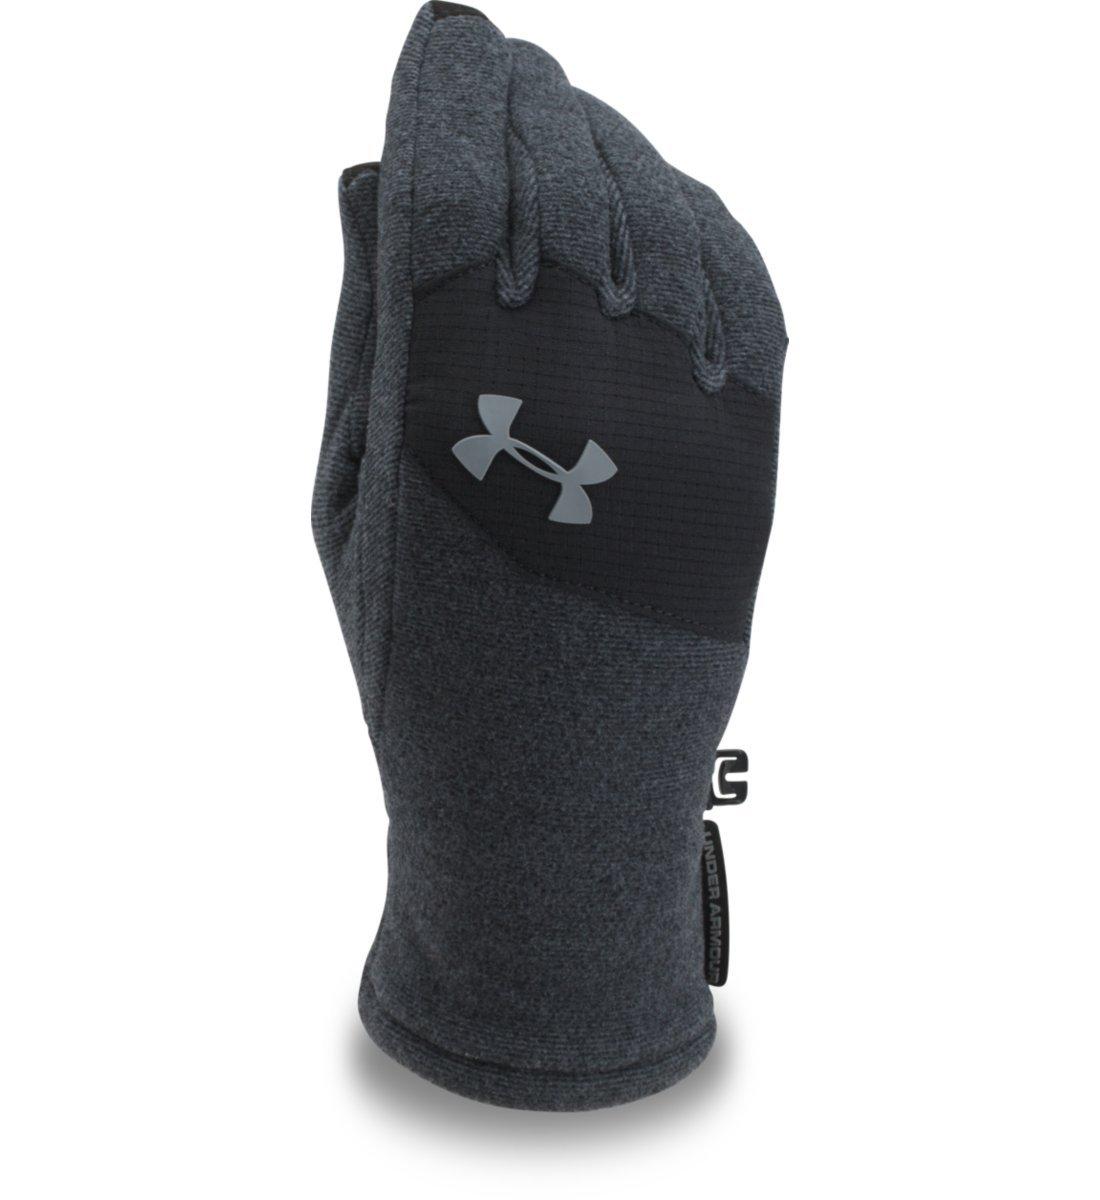 Under Armour Men's YTH Survivor Fleece 2 Gloves 1300832